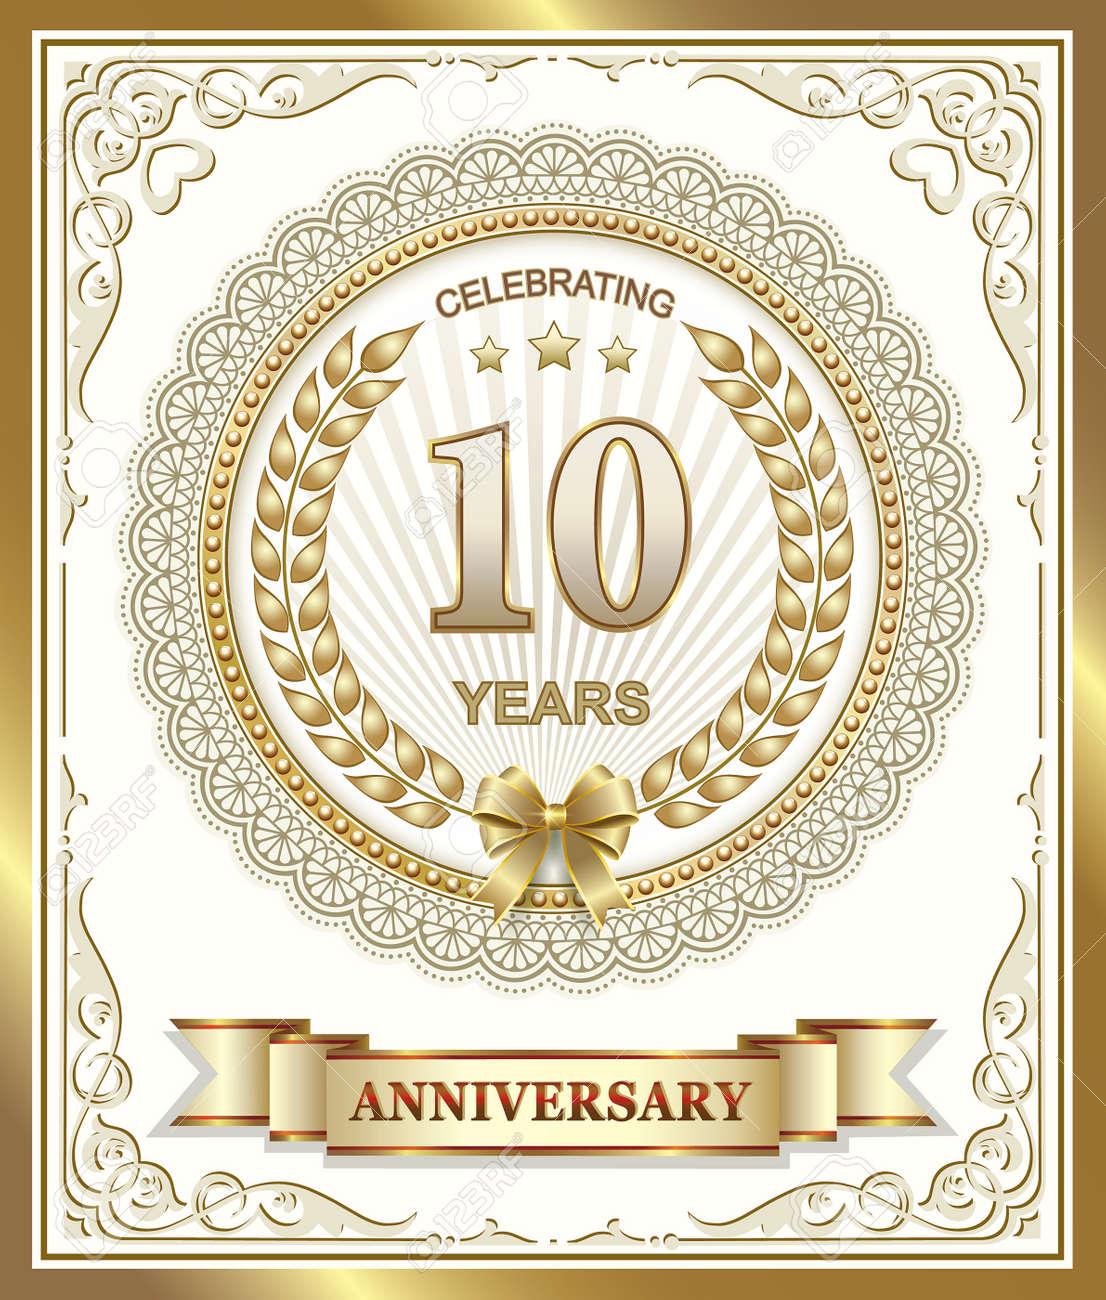 10 Jahriges Jubilaum In Gold Design Lizenzfrei Nutzbare